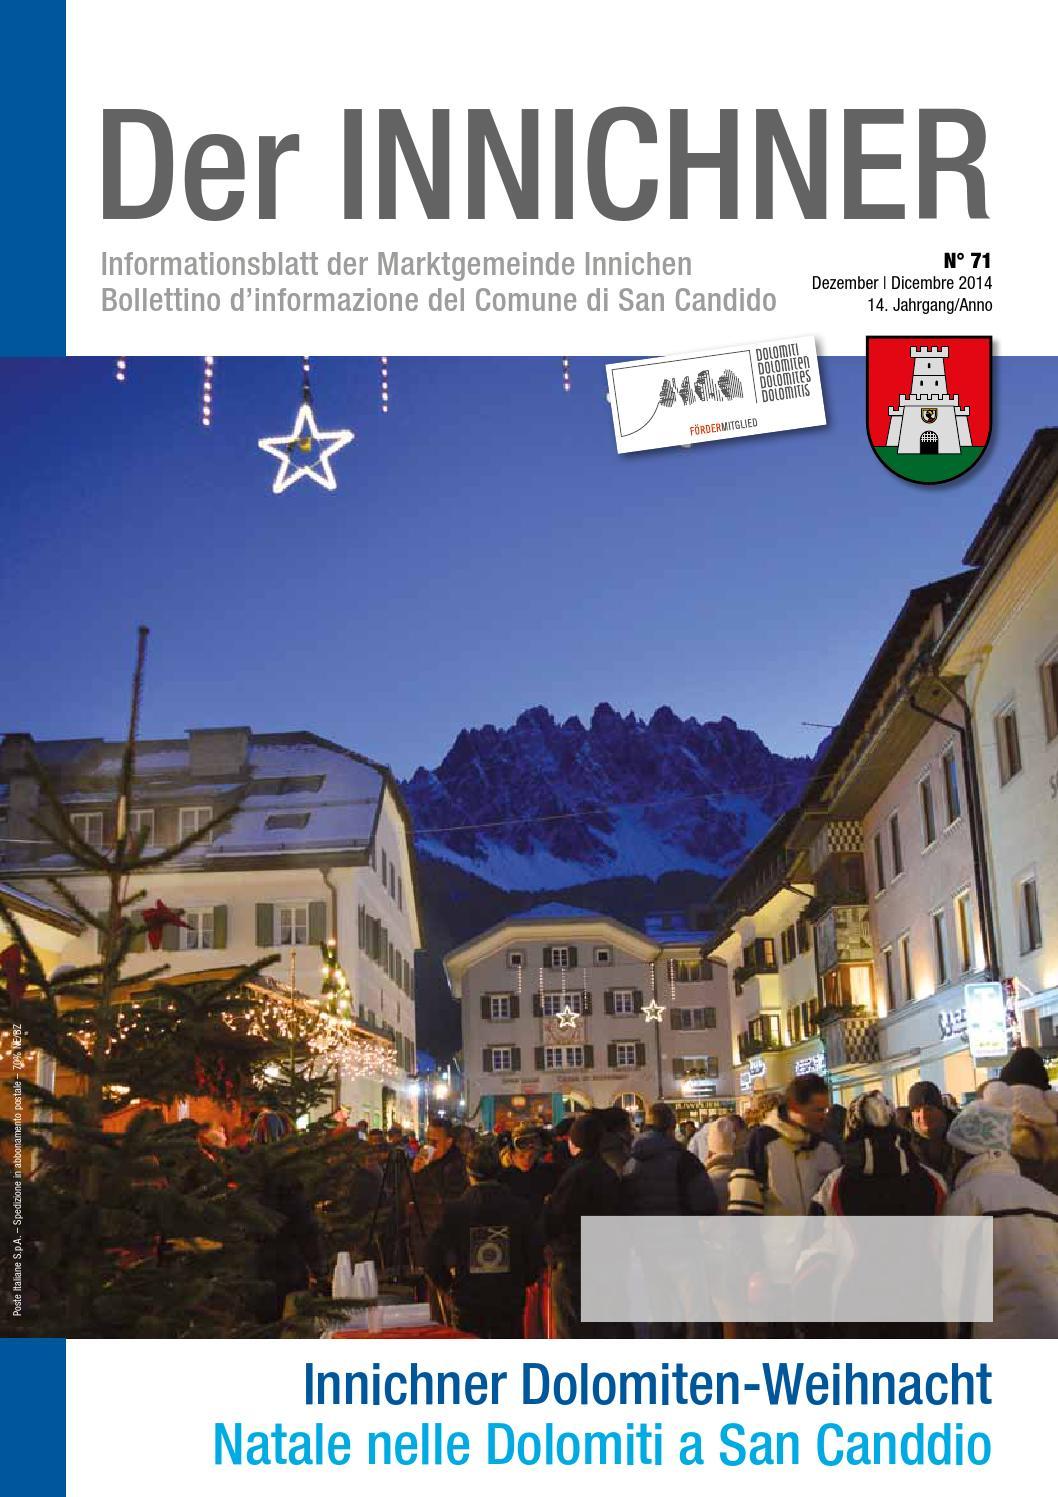 Https Www Sueddeutsche De Reise Berchtesgadener Land Ganz